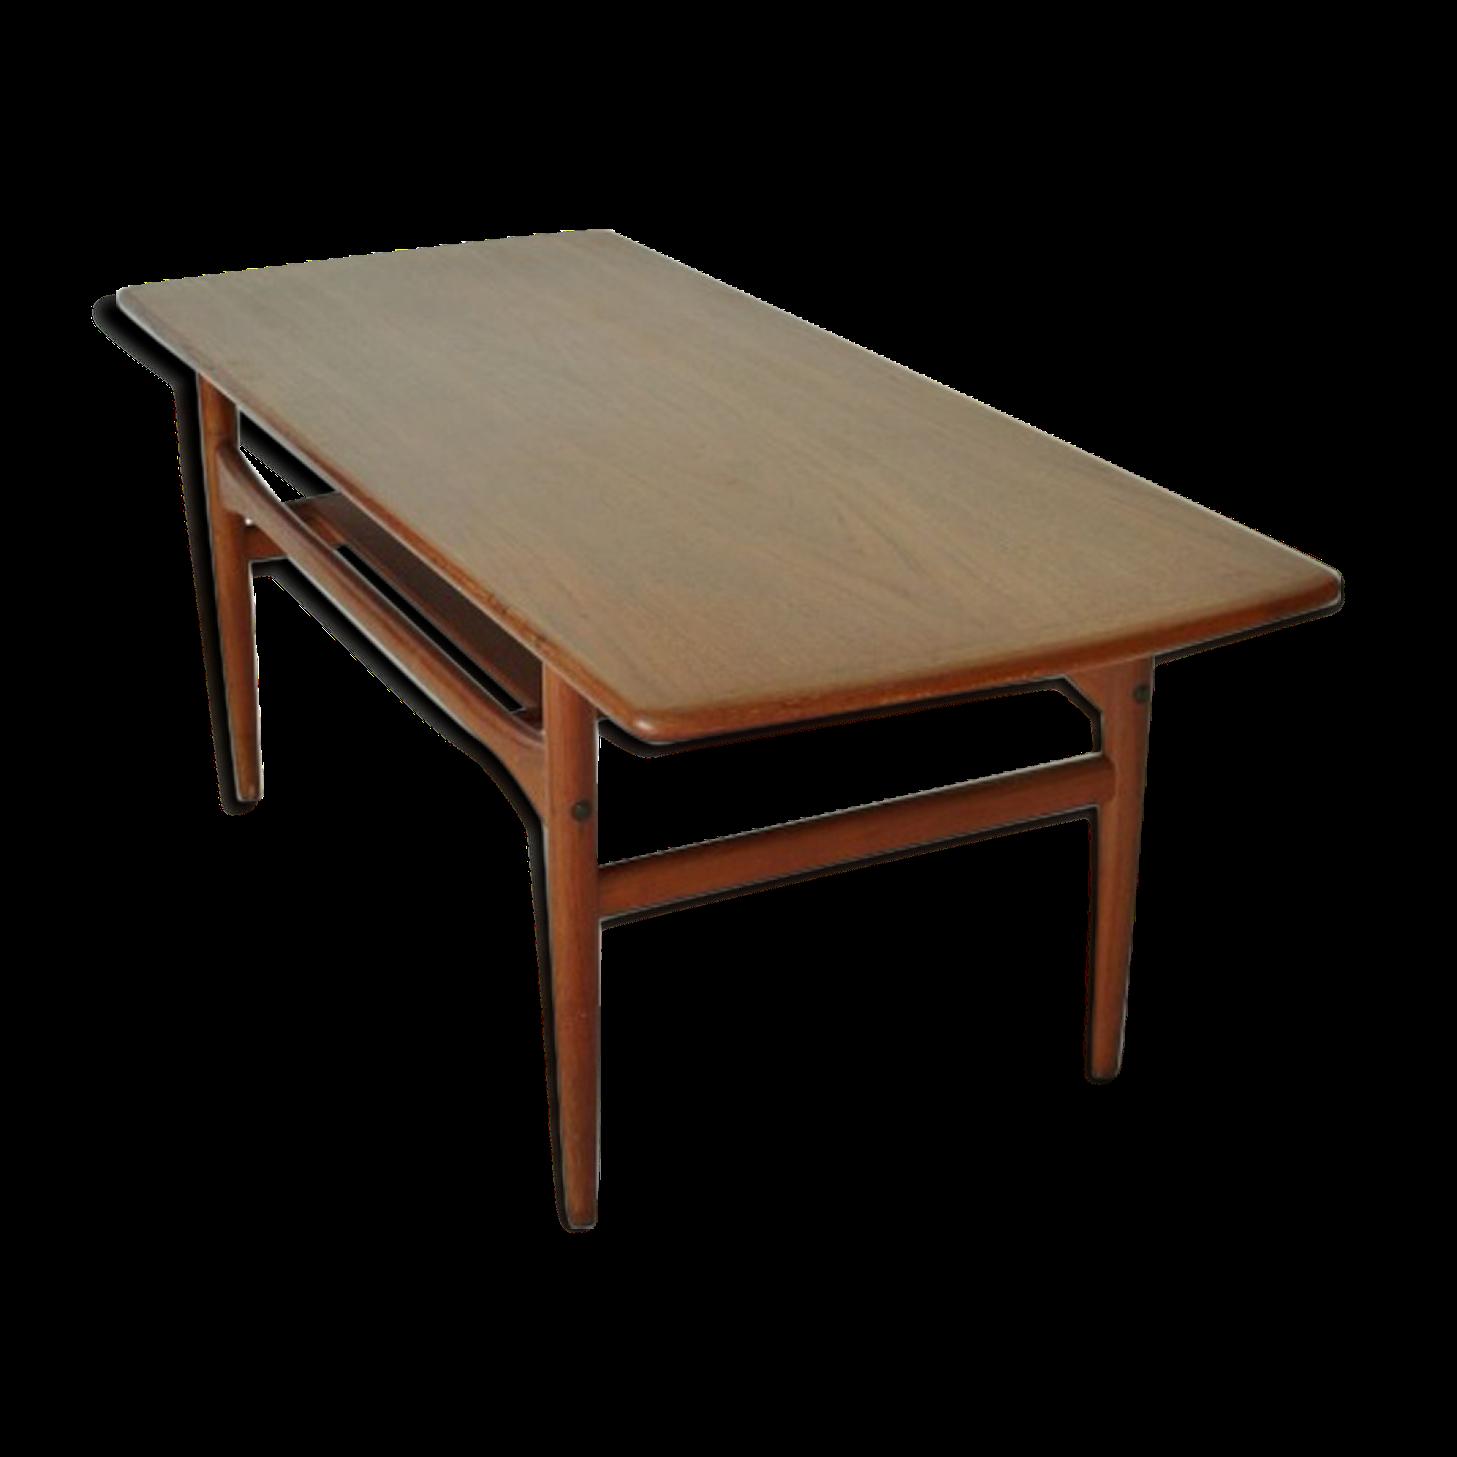 Table Basse Scandinave Teck Arrebo